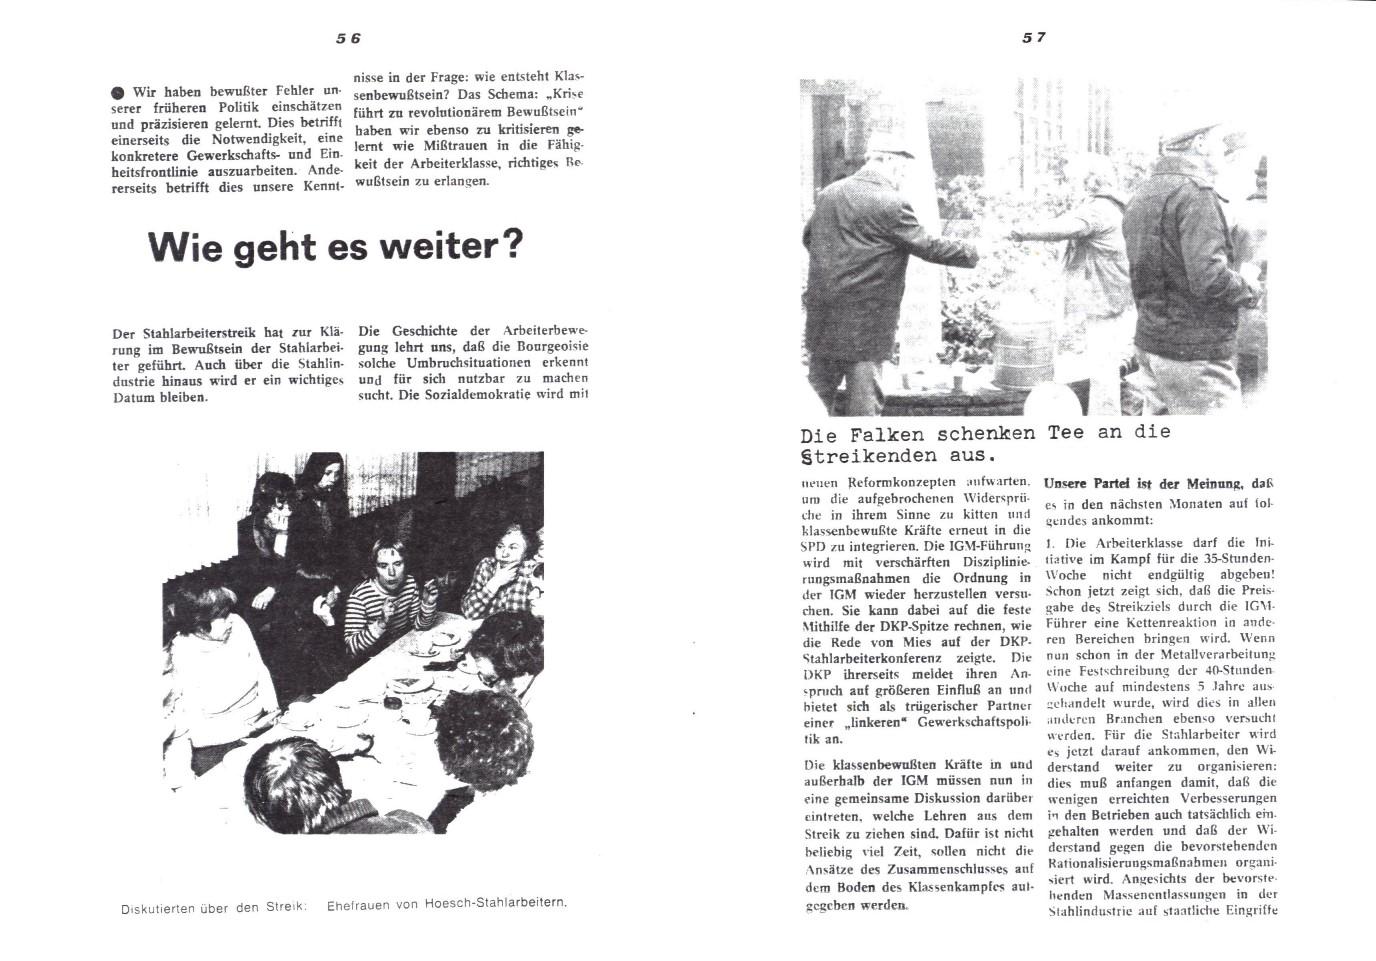 KPDAO_1979_Streik_in_der_Stahlindustrie_30